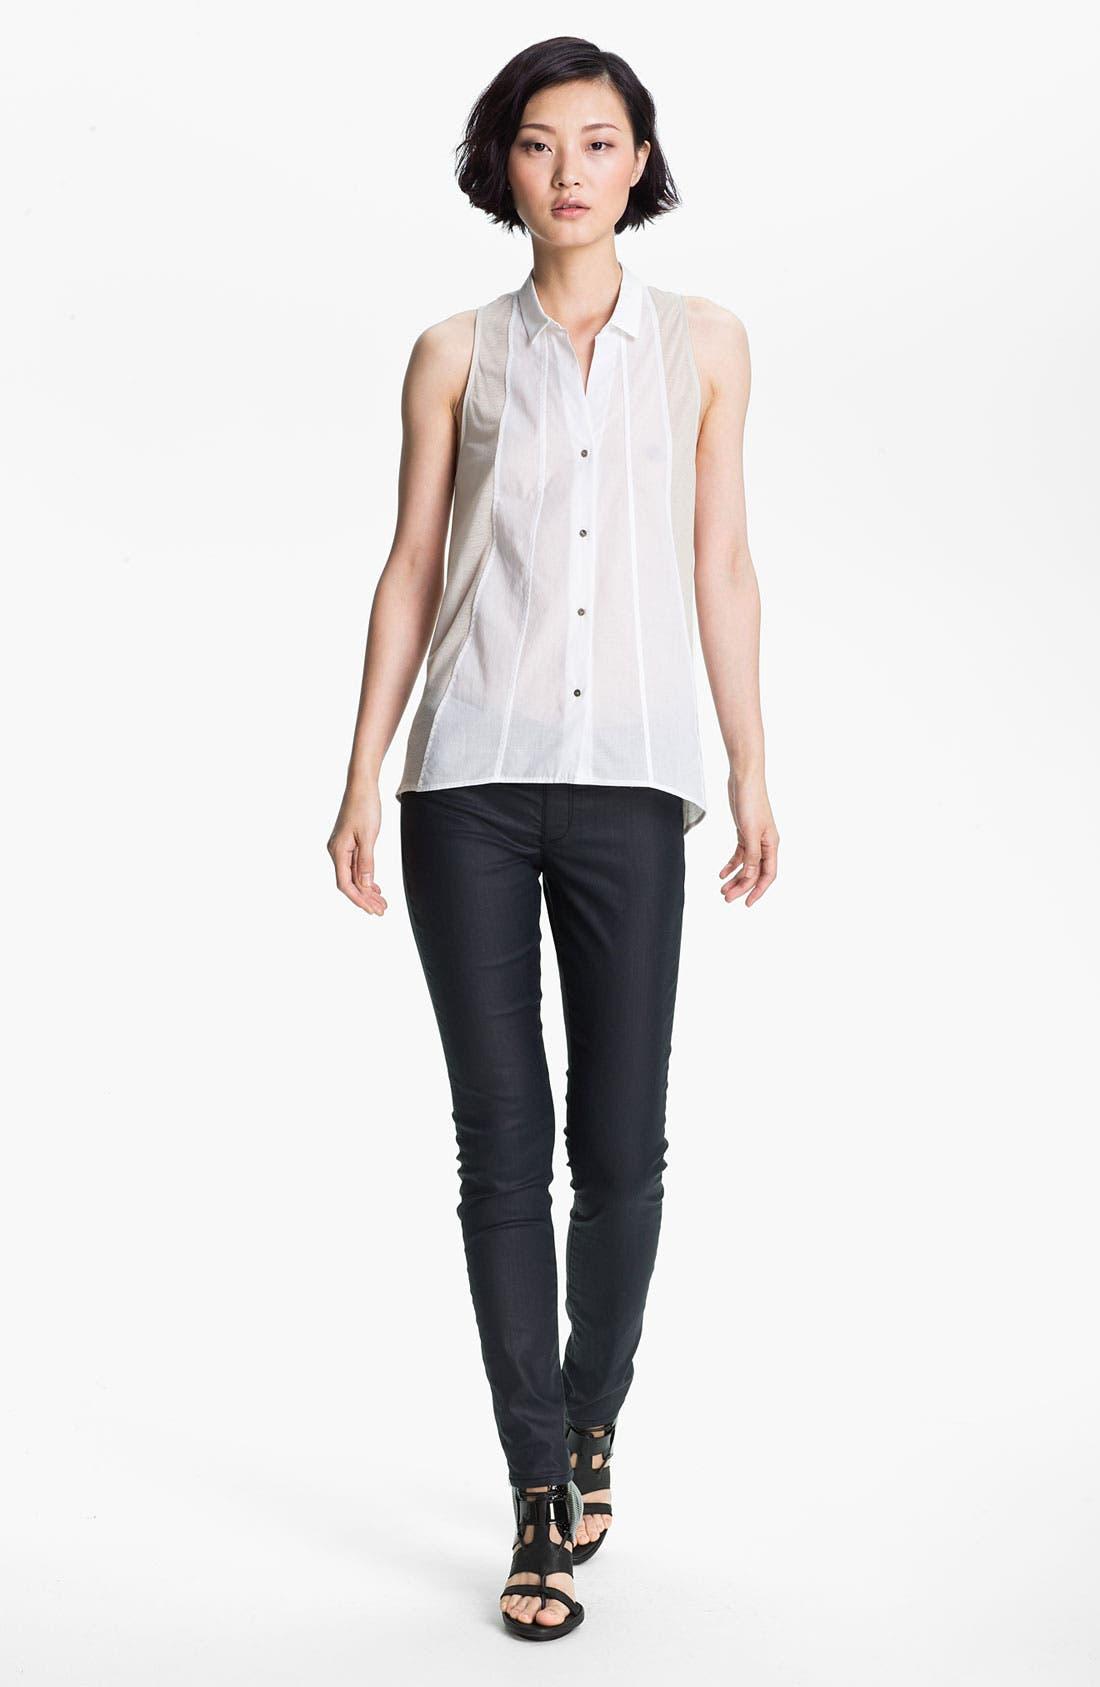 Alternate Image 1 Selected - HELMUT Helmut Lang Sleeveless Poplin Shirt